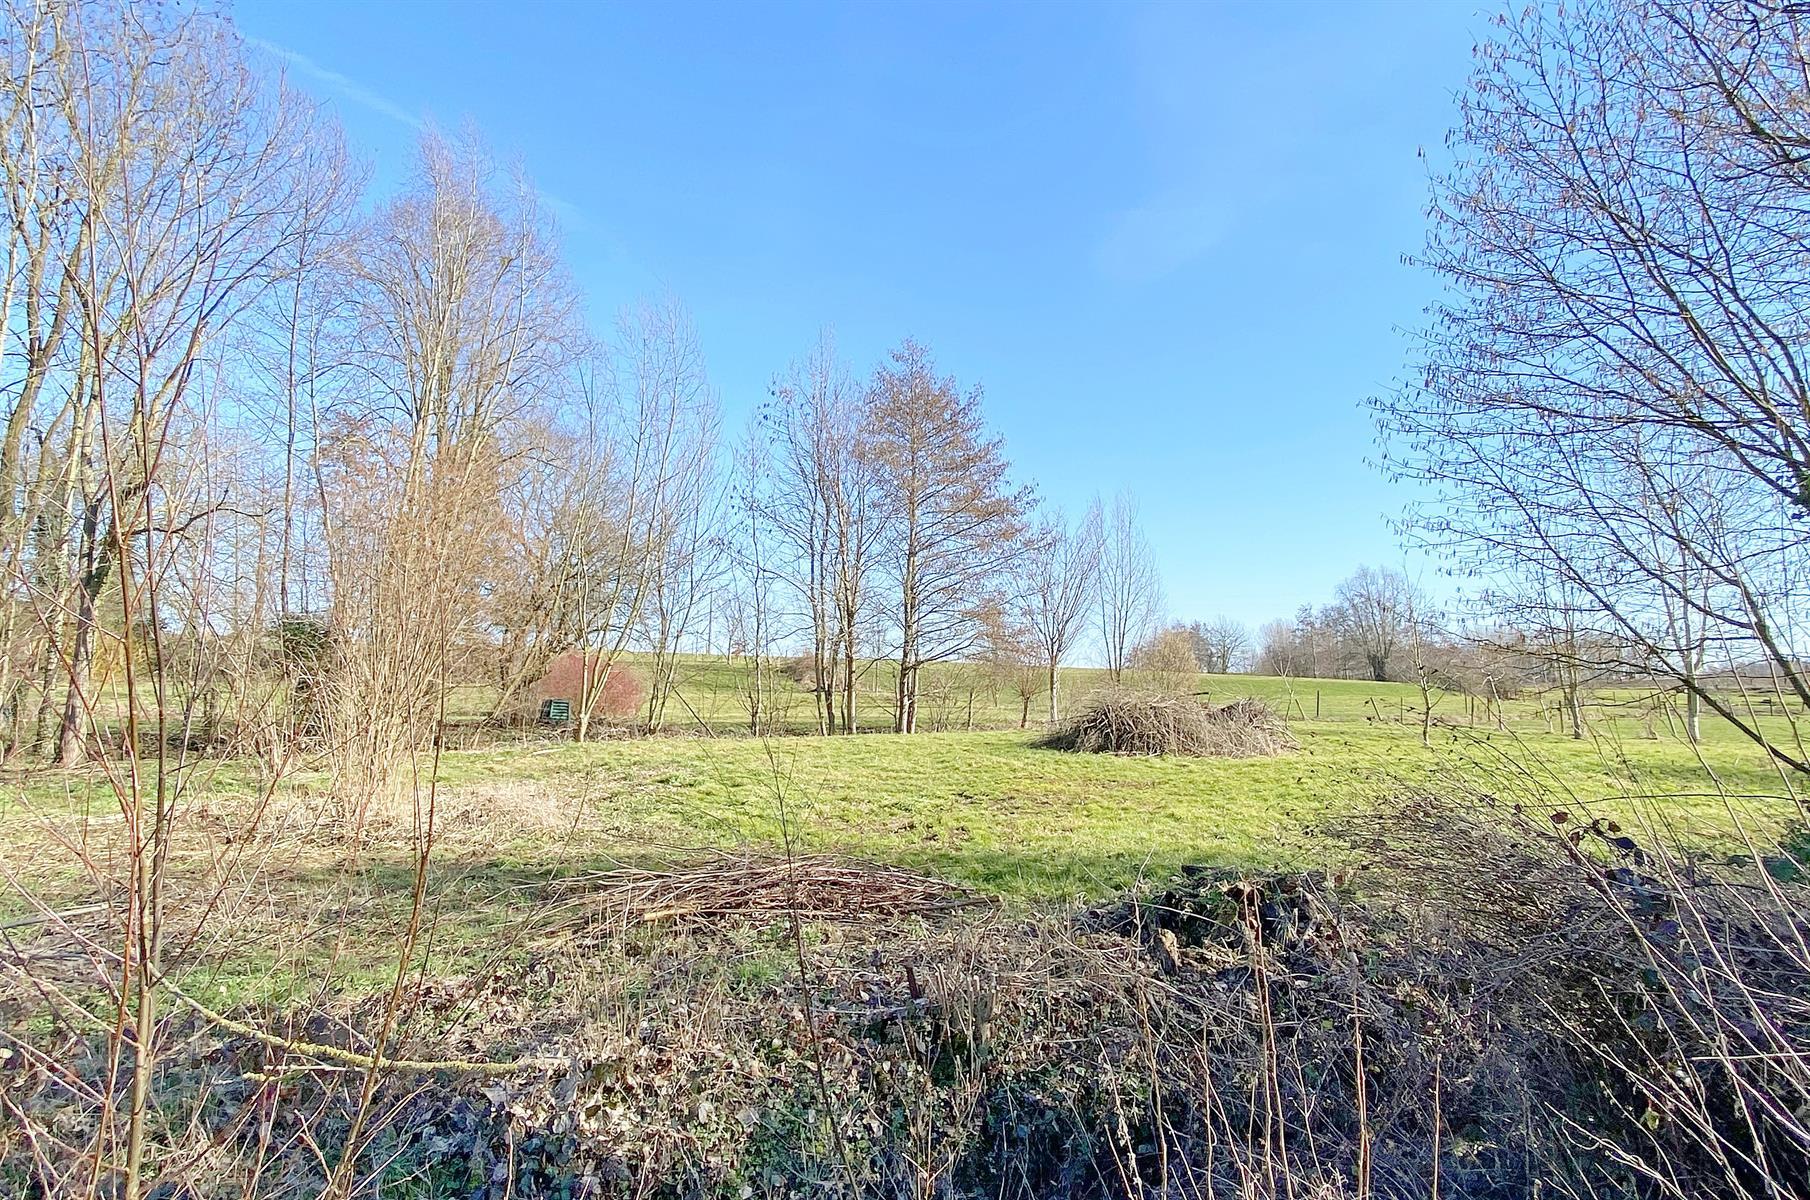 Terrain à bâtir (projets) - Noville-les-Bois - #4290891-3